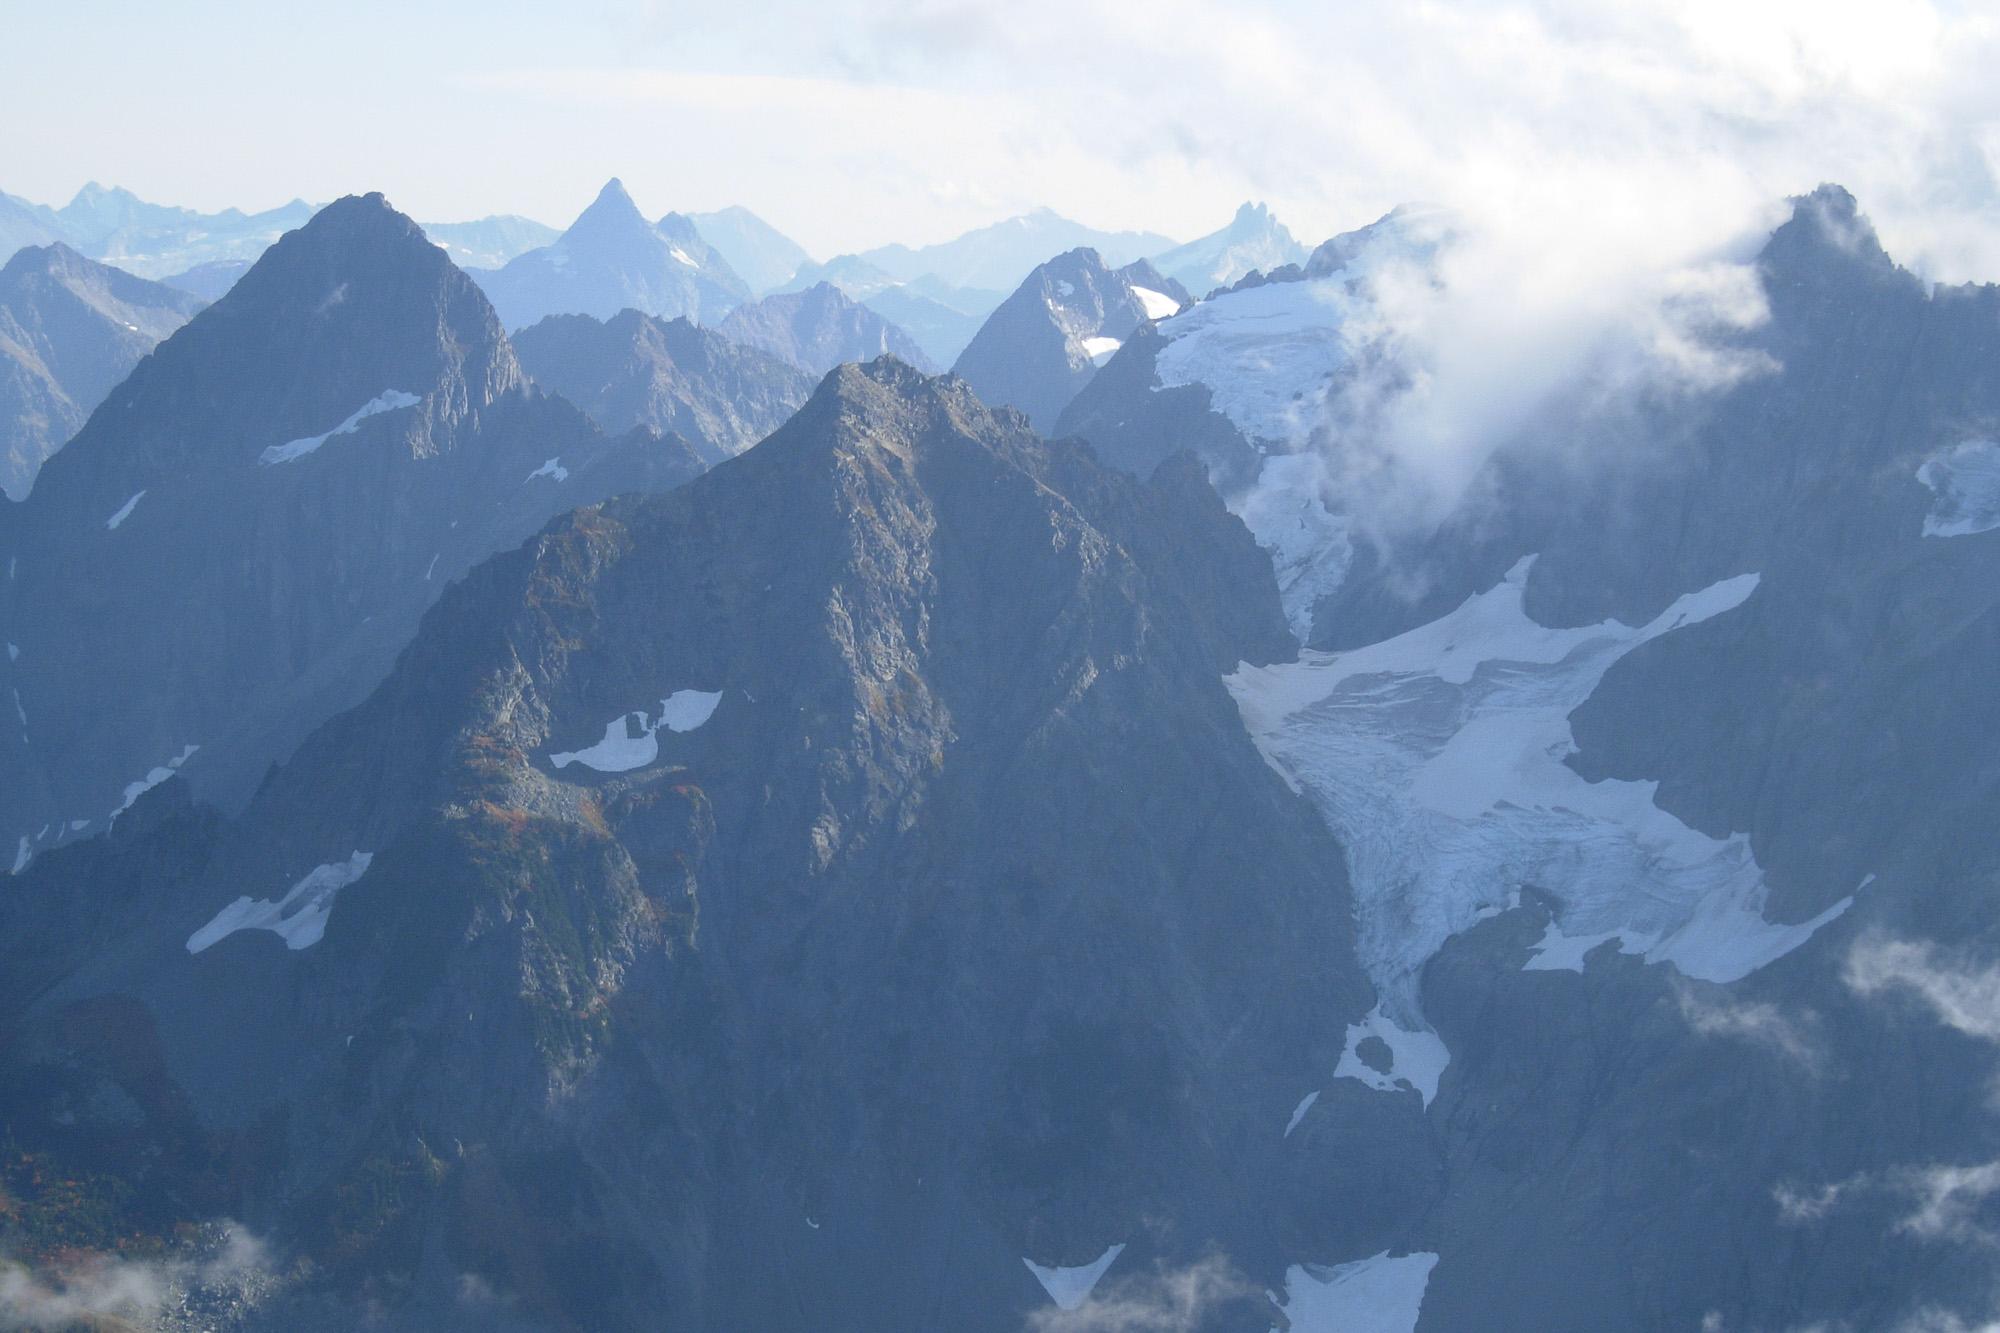 sea of peaks